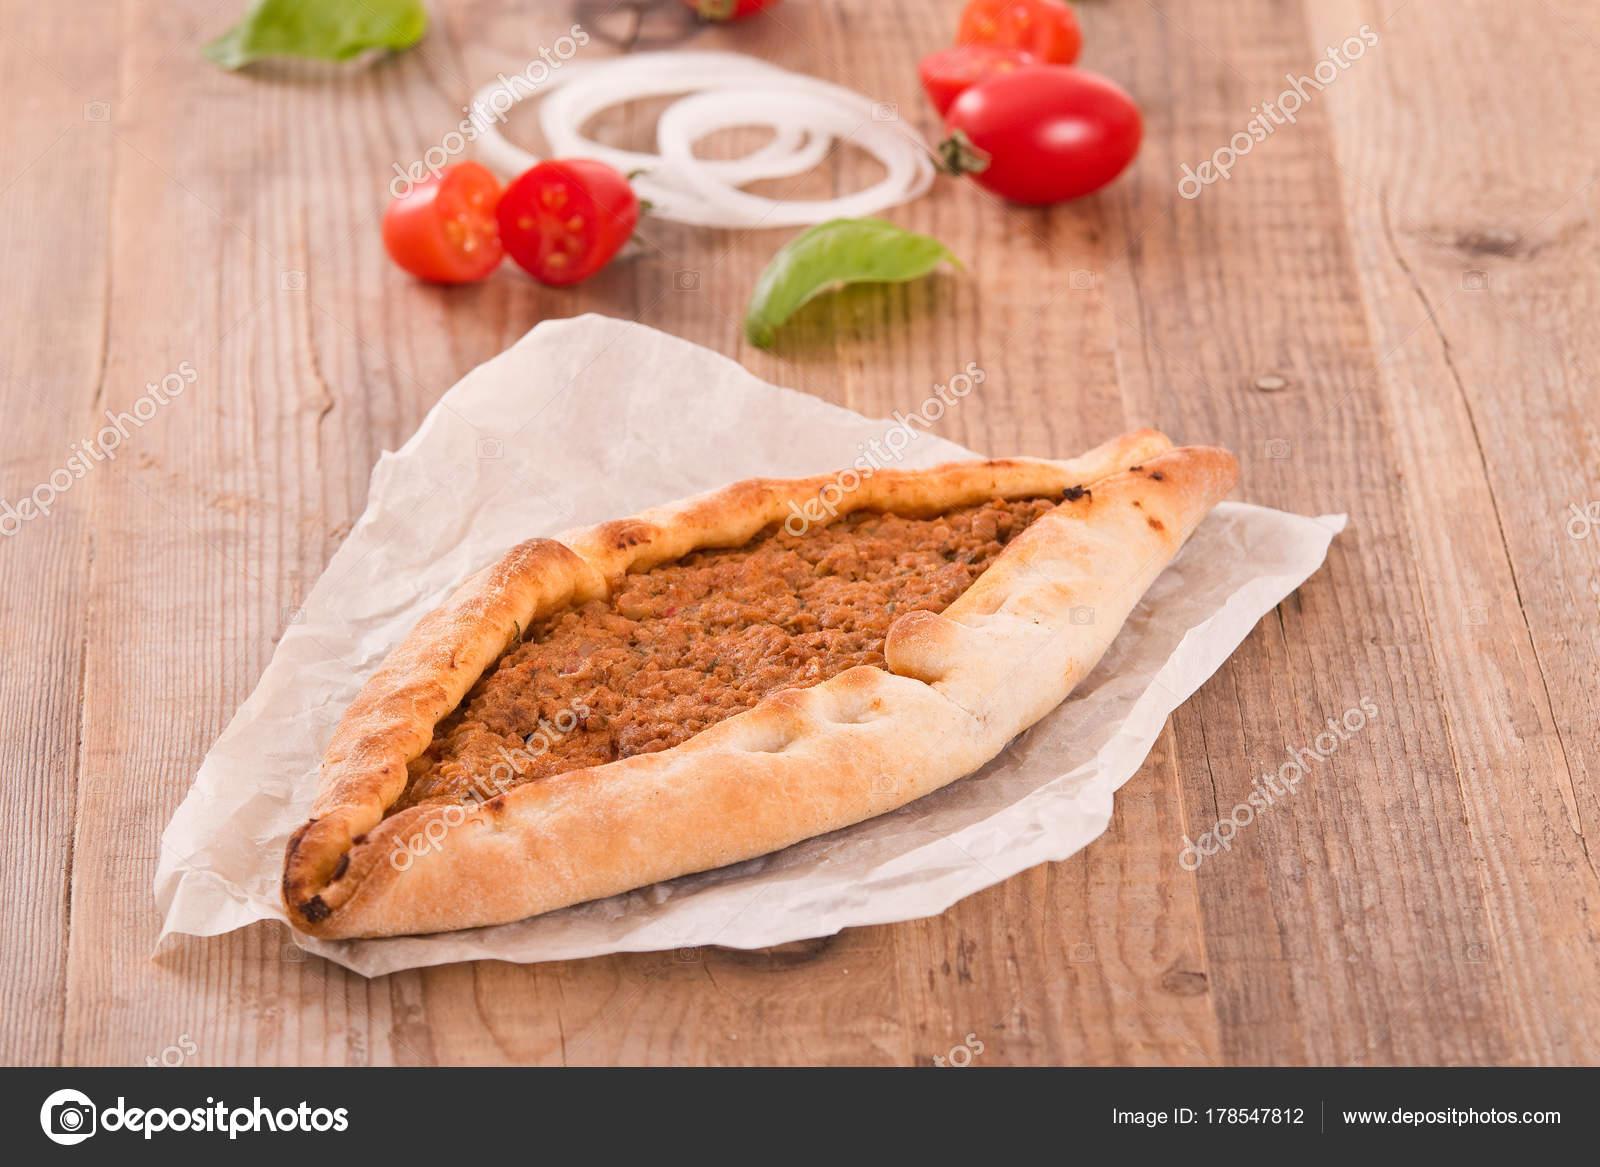 Türkische Pide Pizza Mit Fleisch Und Zwiebeln Stockfoto Milla74